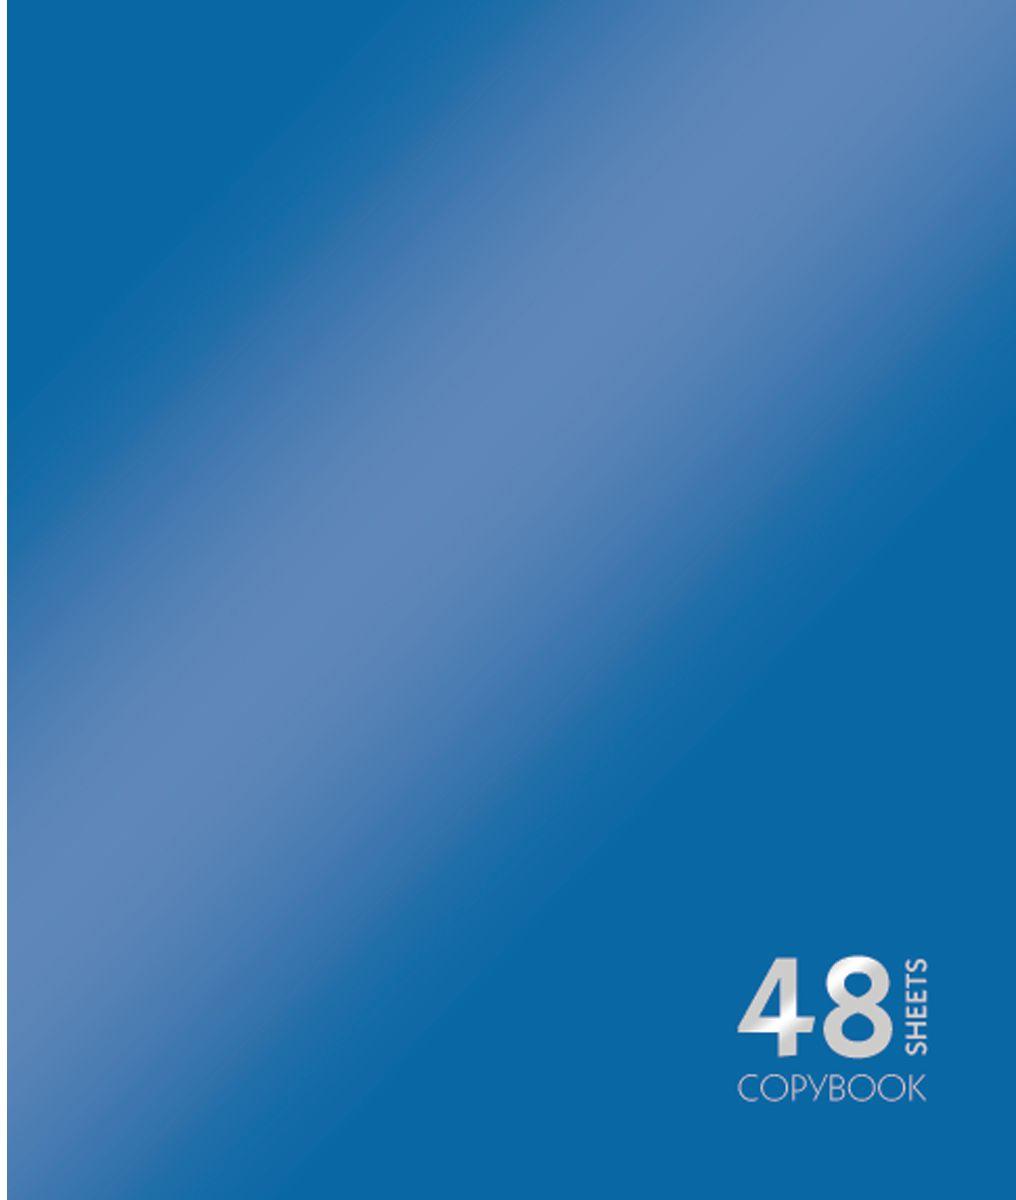 Канц-Эксмо Тетрадь Сияние цвета 48 листов в клетку цвет синий72523WDТетрадь А5 48 листов на скрепке, клетка. Обложка мелованный картон с пантонной металлизированной печатью. Бумага офсет 60г/м2